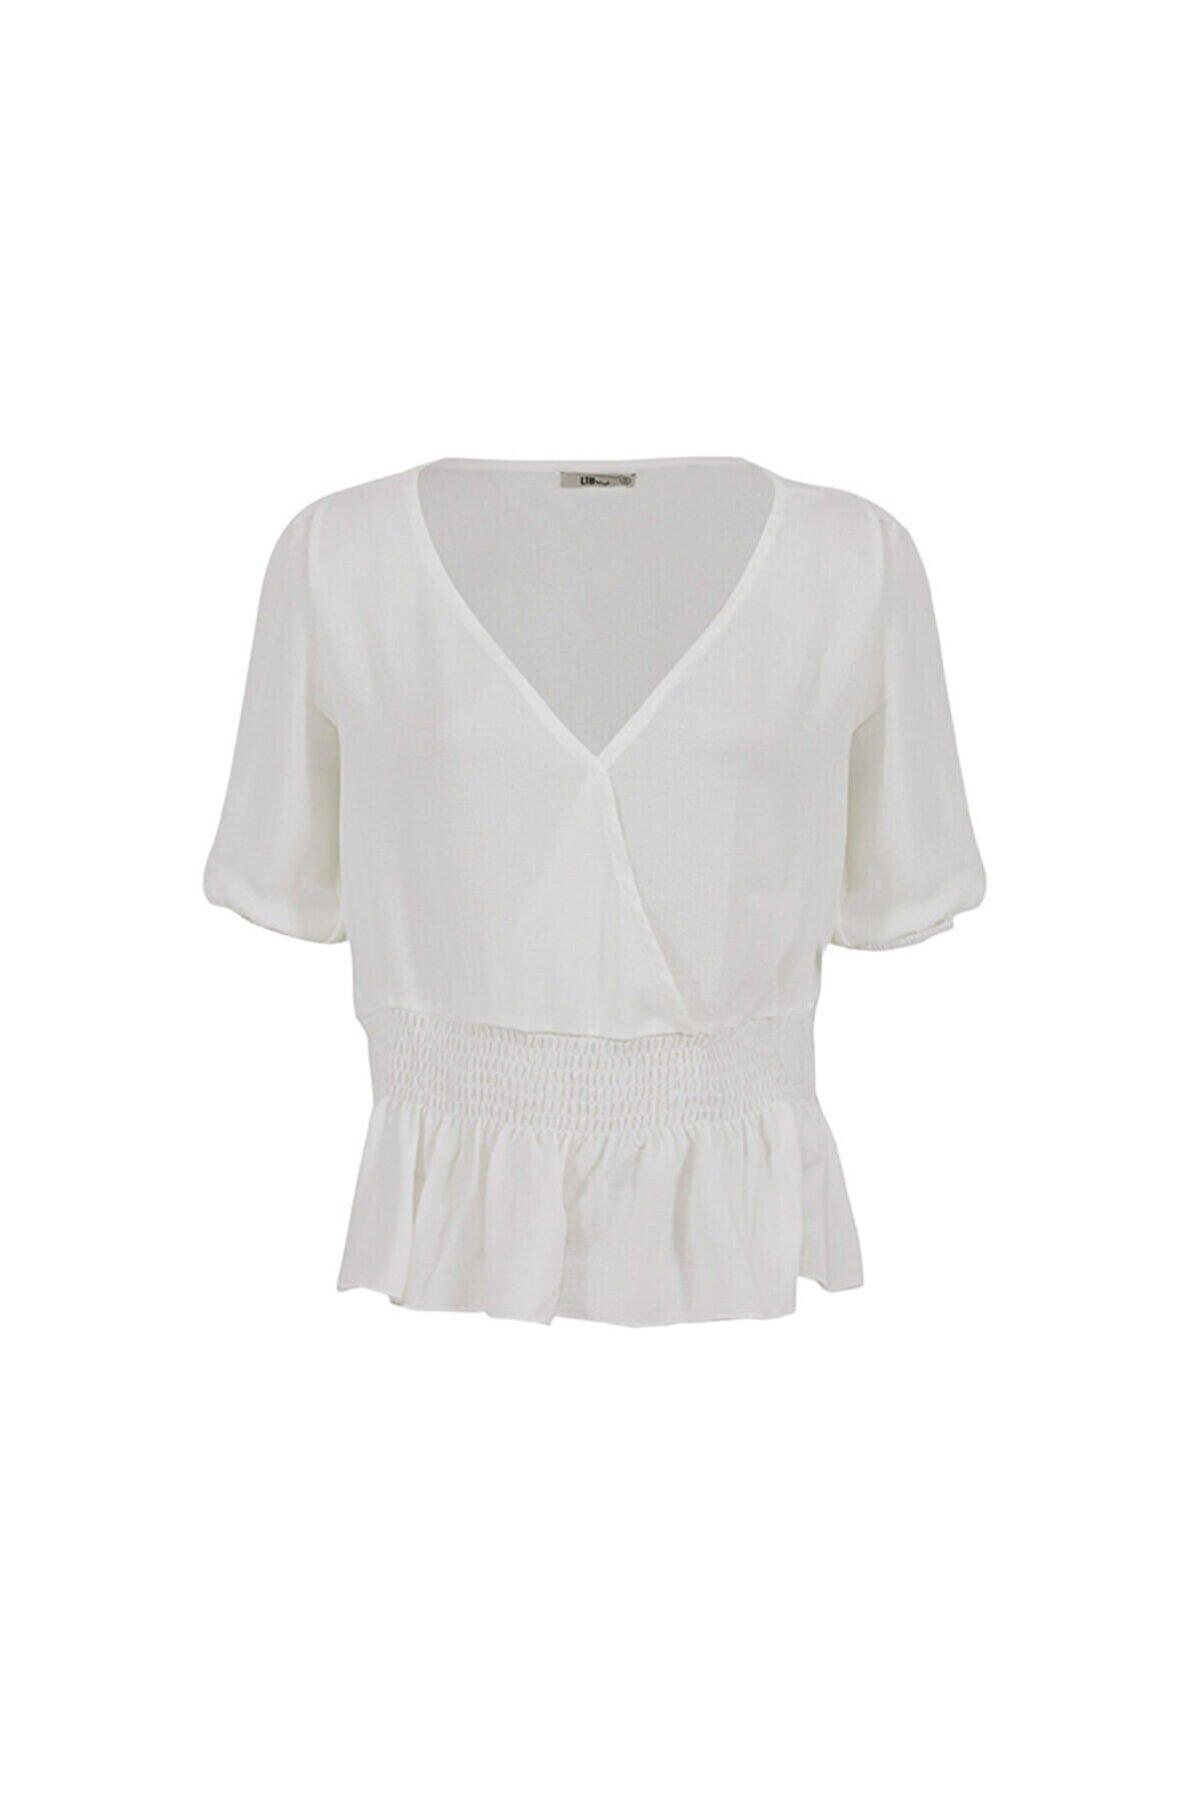 Ltb Beyaz Bluz